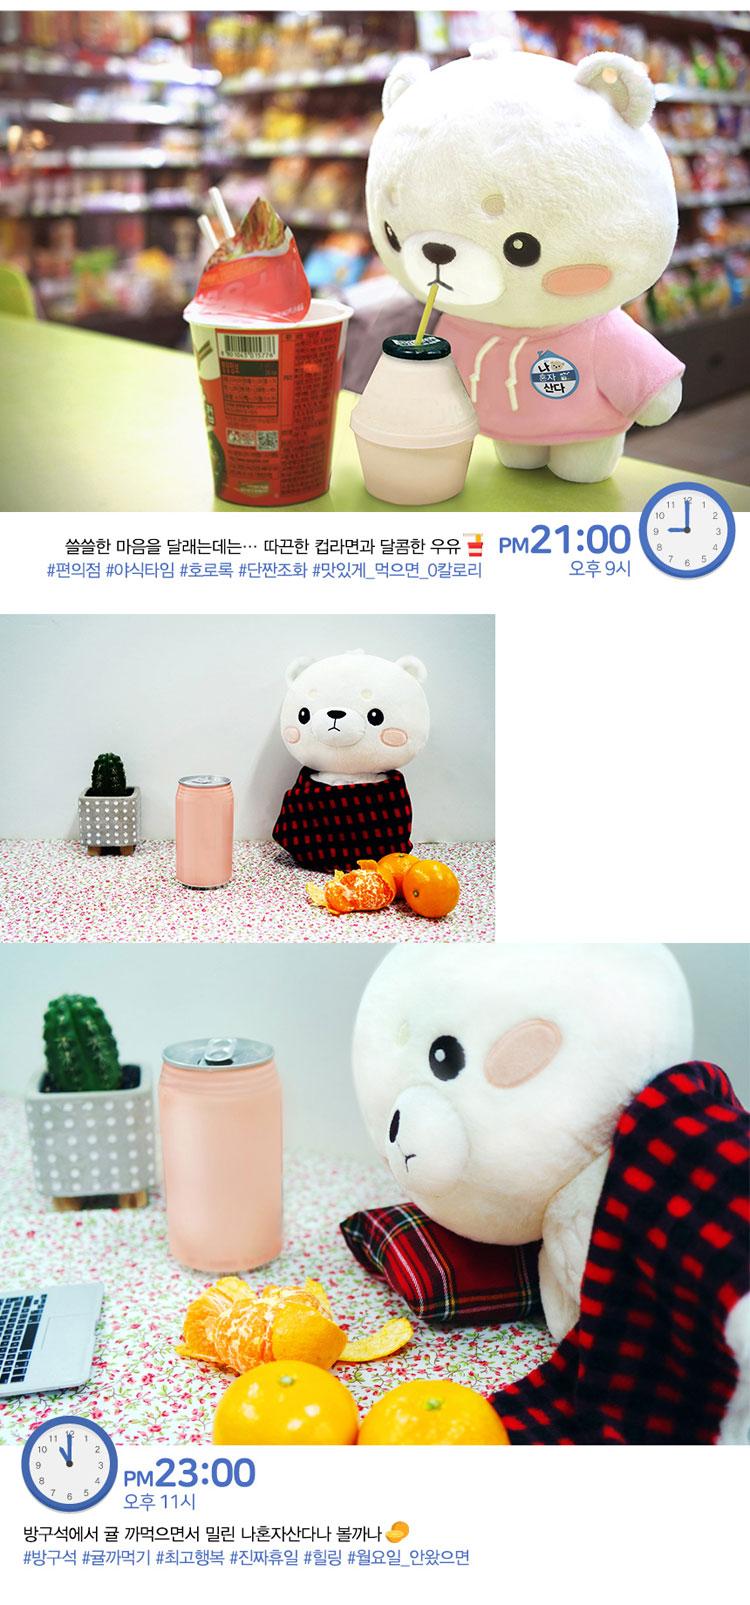 MBC「私は一人で暮らす」公式グッズ ウィルソンベイビー(フード洋服着用)